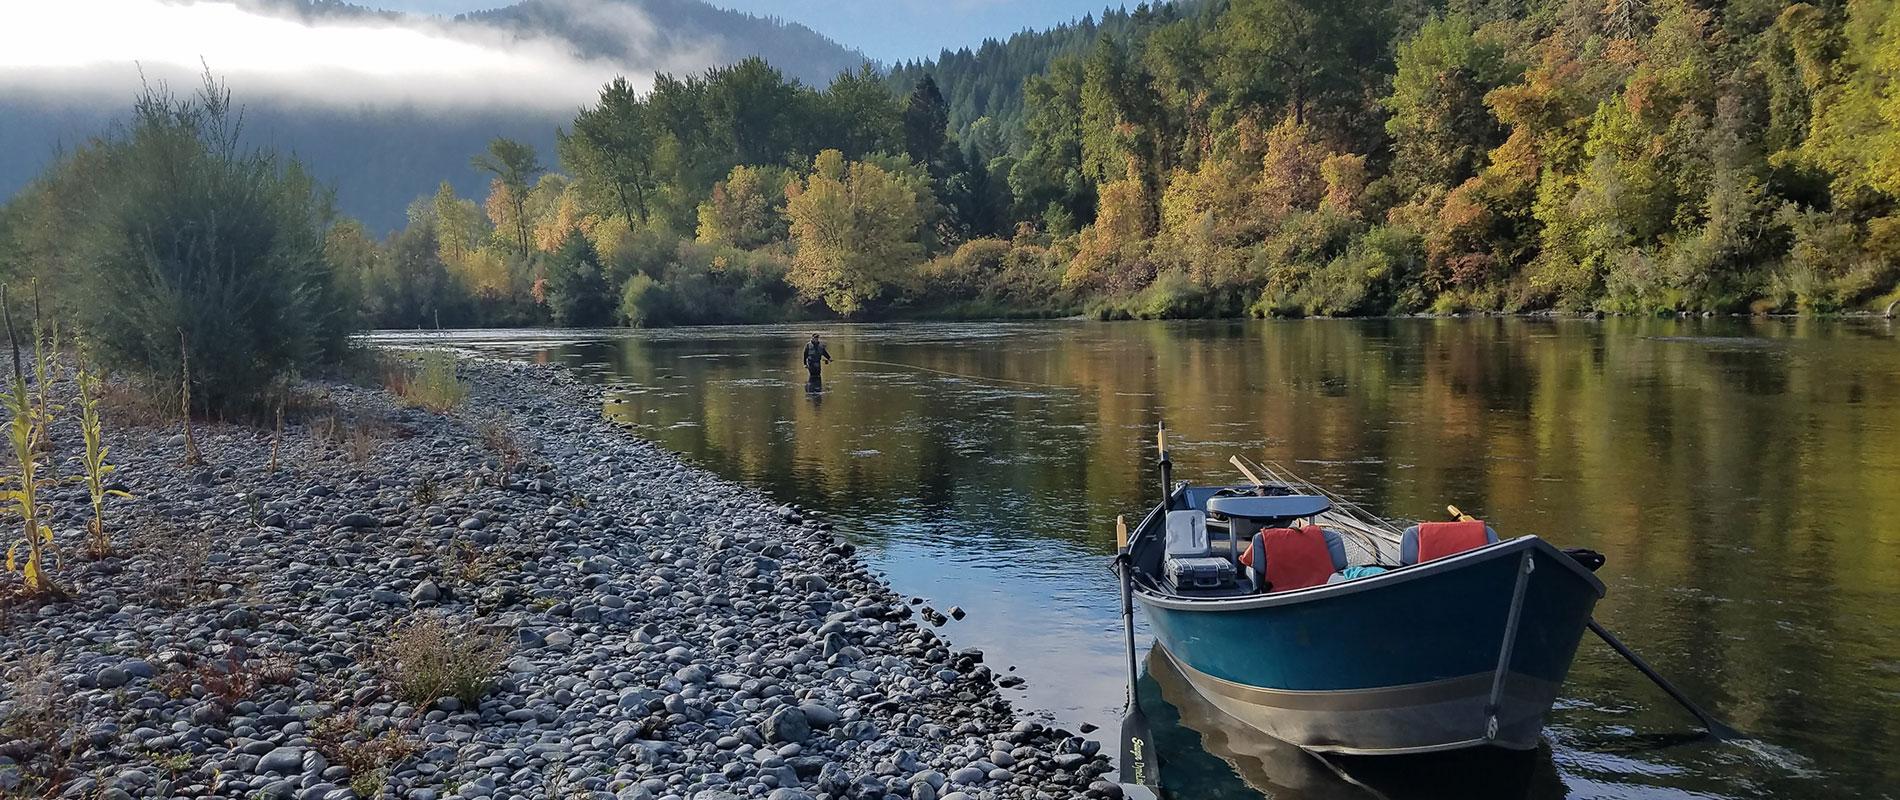 Rogue River Fishing Trips